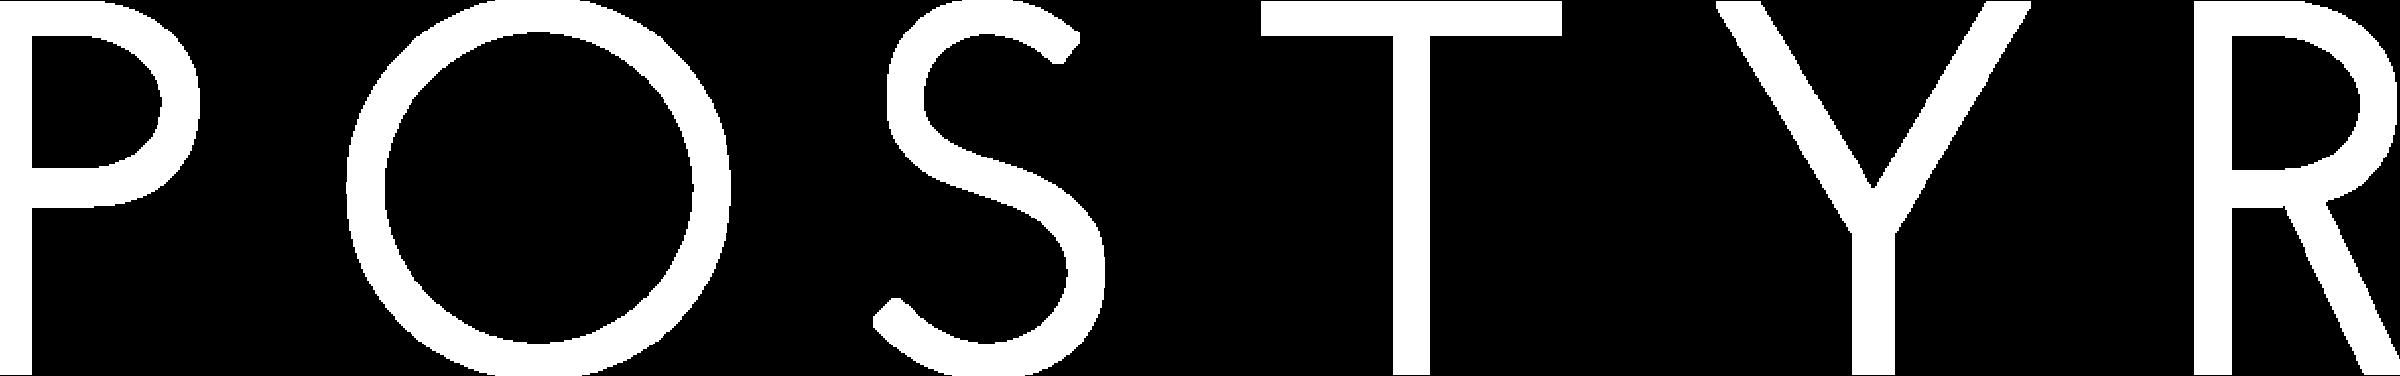 POSTYR Logo